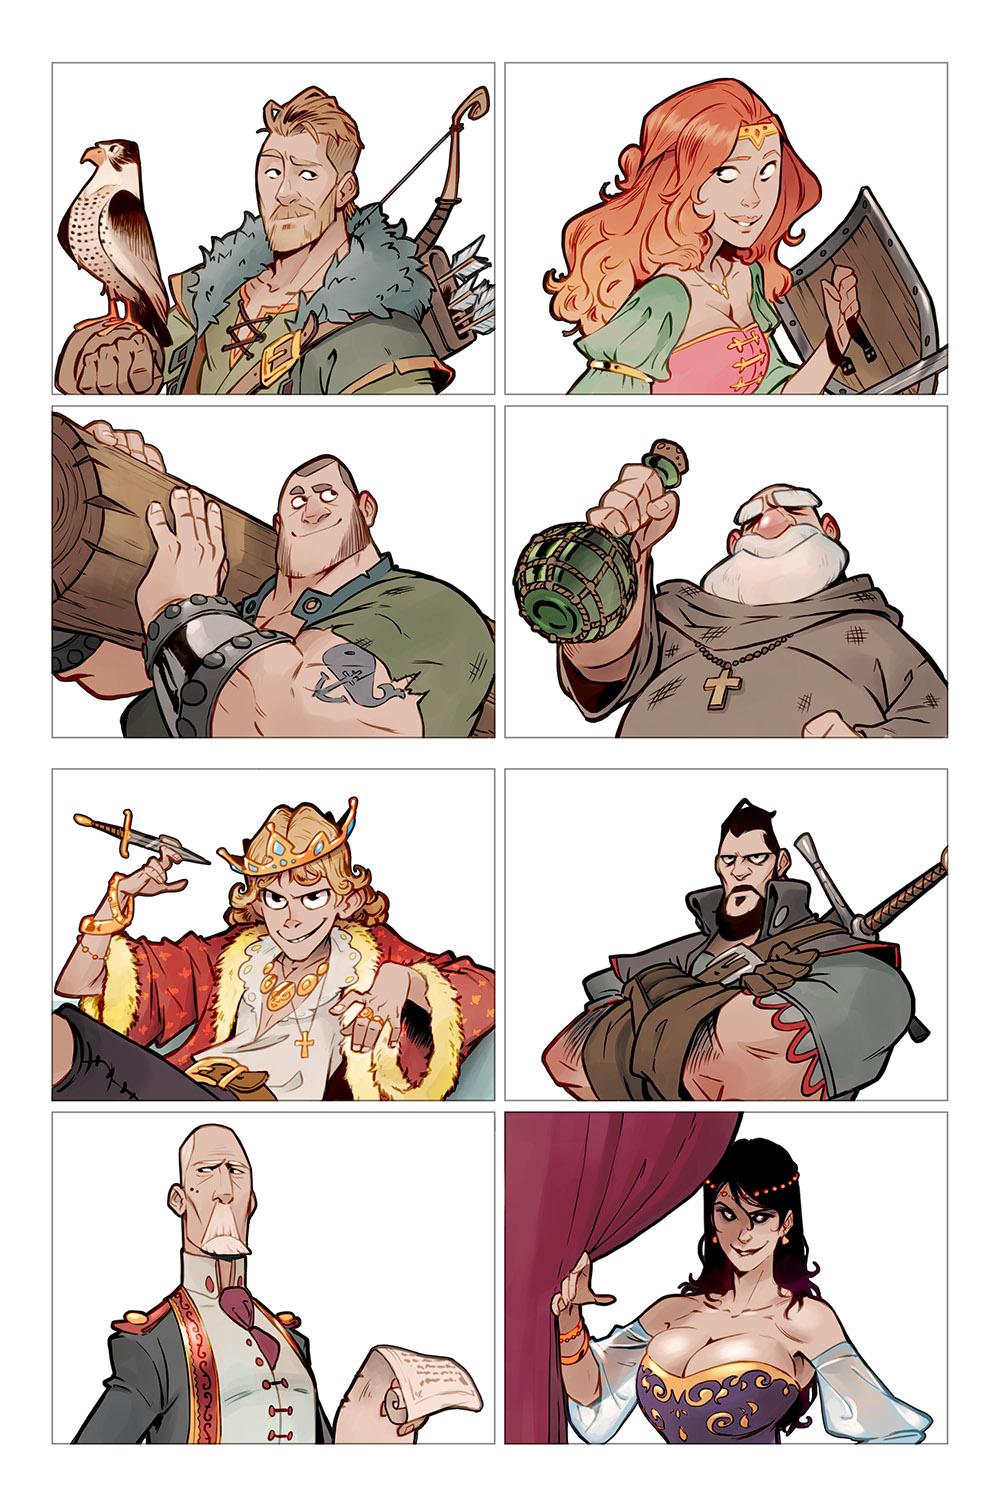 MoA_All_Robin Hood03_2